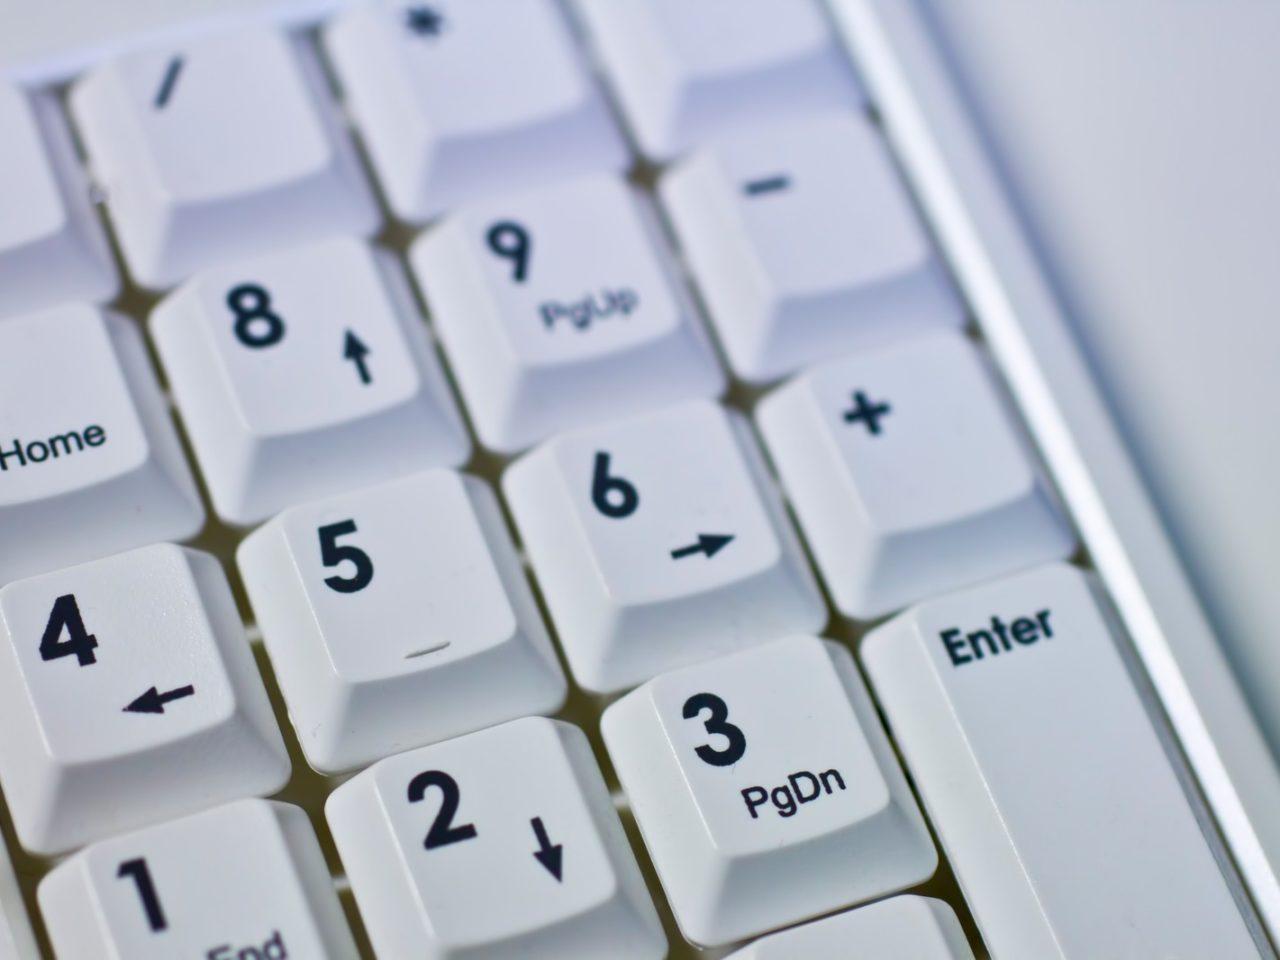 数字の特殊文字&記号一覧(コピー機能あり)丸や可愛いおしゃれな特殊文字のサムネイル画像